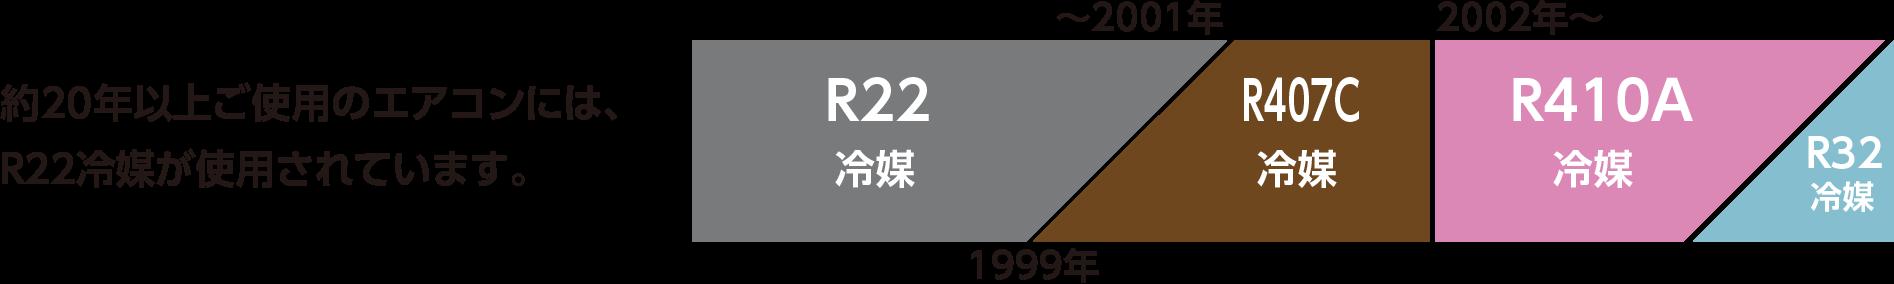 約20年以上ご使用のエアコンには、R22冷媒が使用されています。